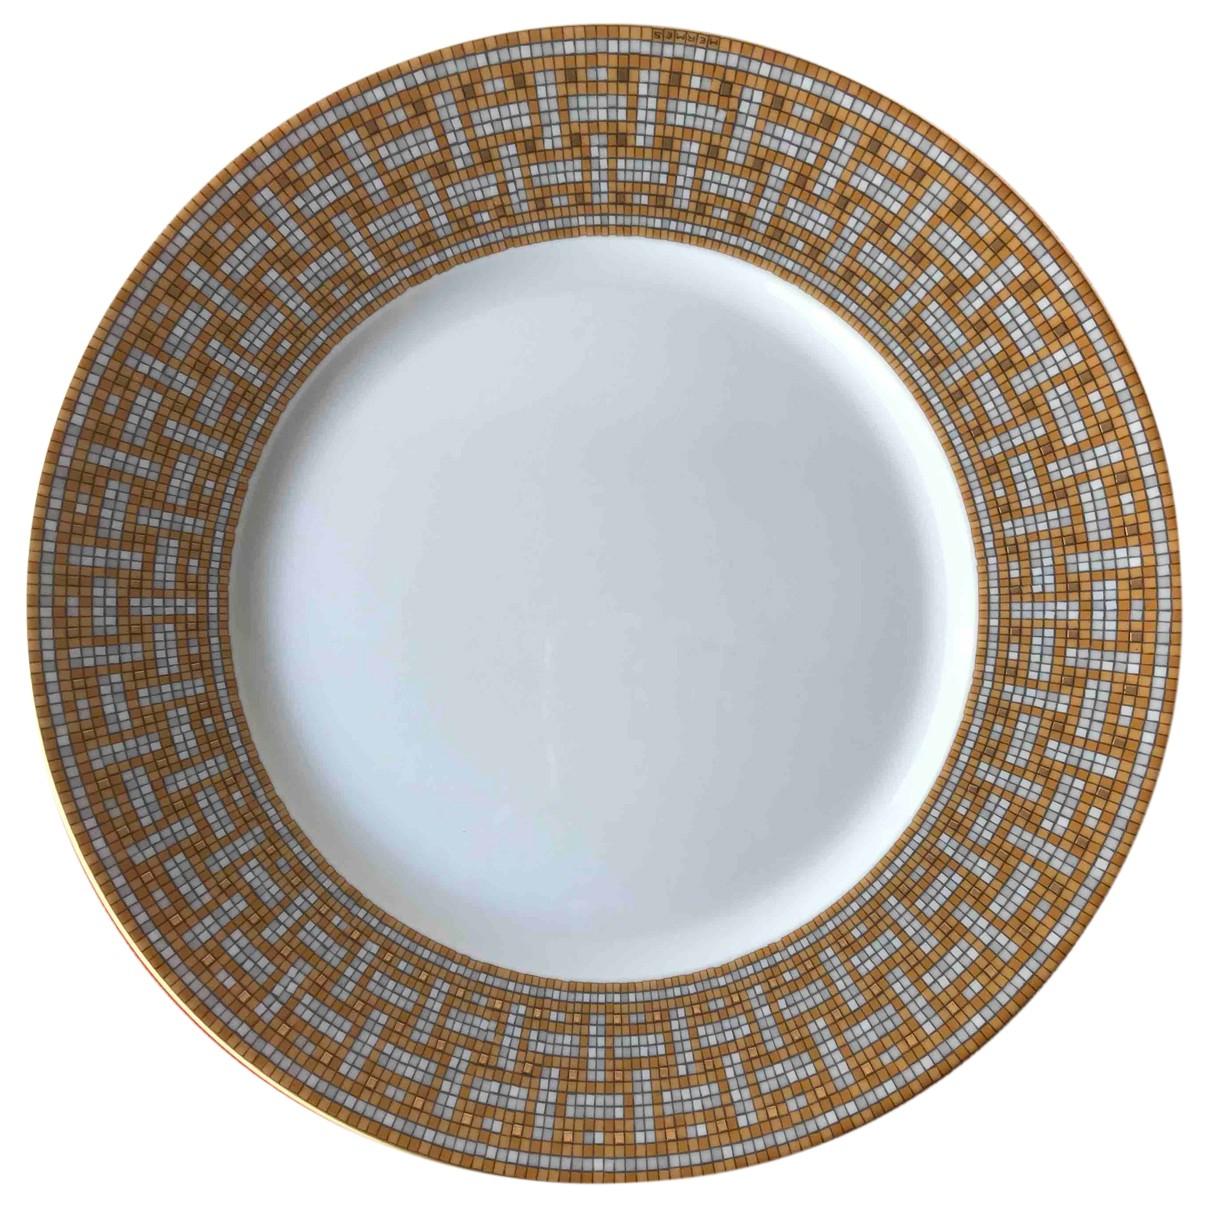 Hermes - Arts de la table Mosaique au 24 pour lifestyle en ceramique